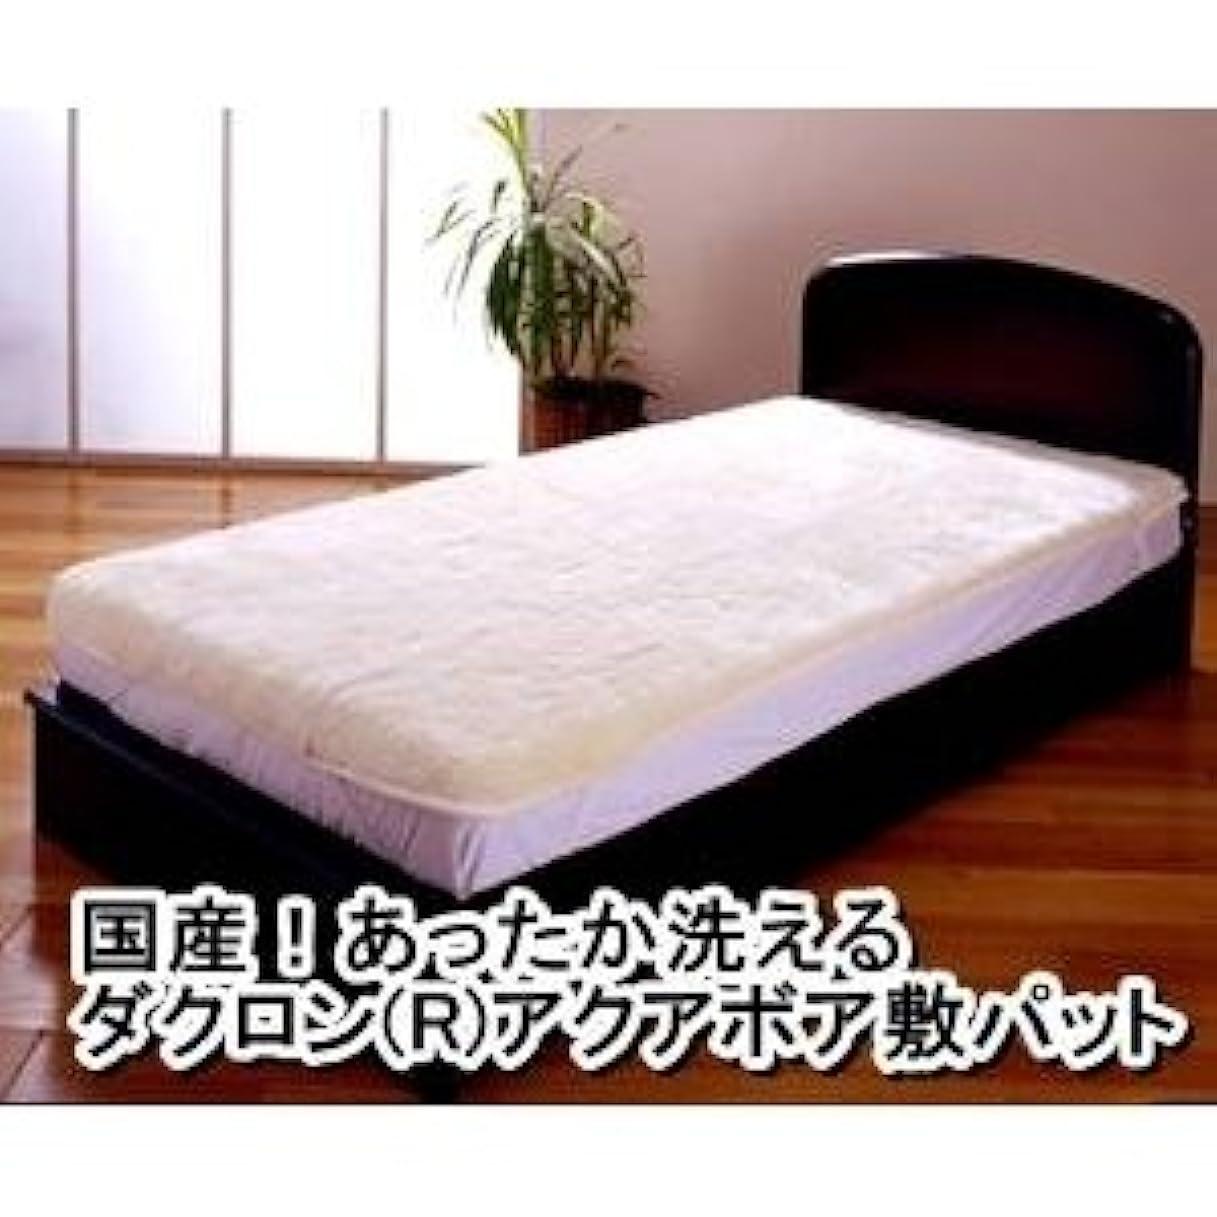 重大ひらめき盗賊国産 あったか洗えるダクロン(R) アクアボア敷パット シングルアイボリー 日本製